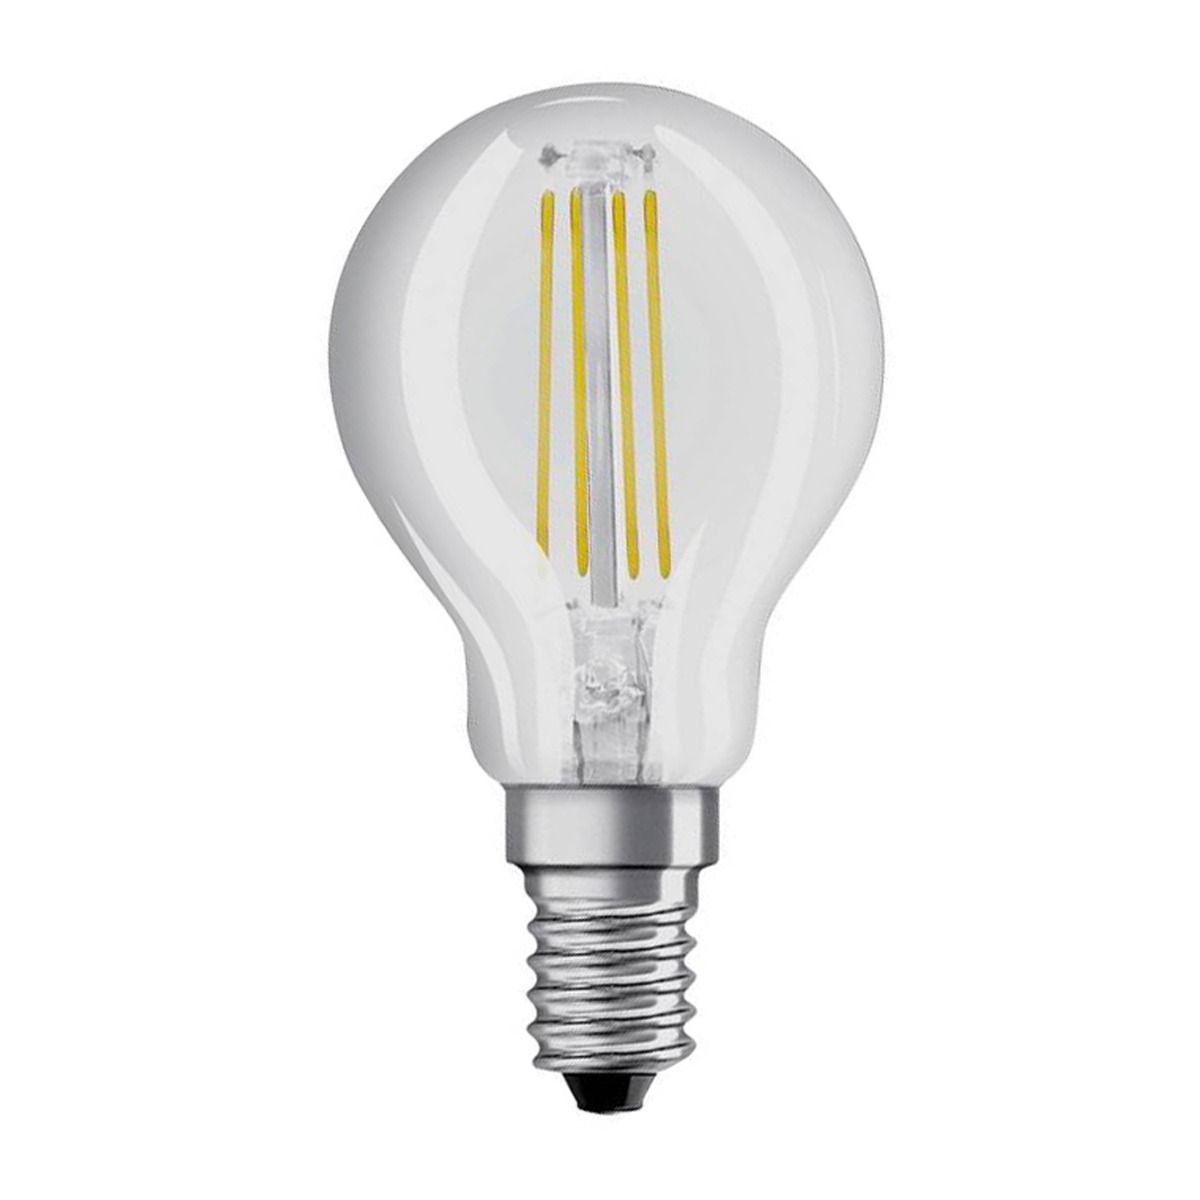 Osram LED Retrofit klassisch E14 P 4W 840 Klar | Kaltweiß - Ersatz für 40W